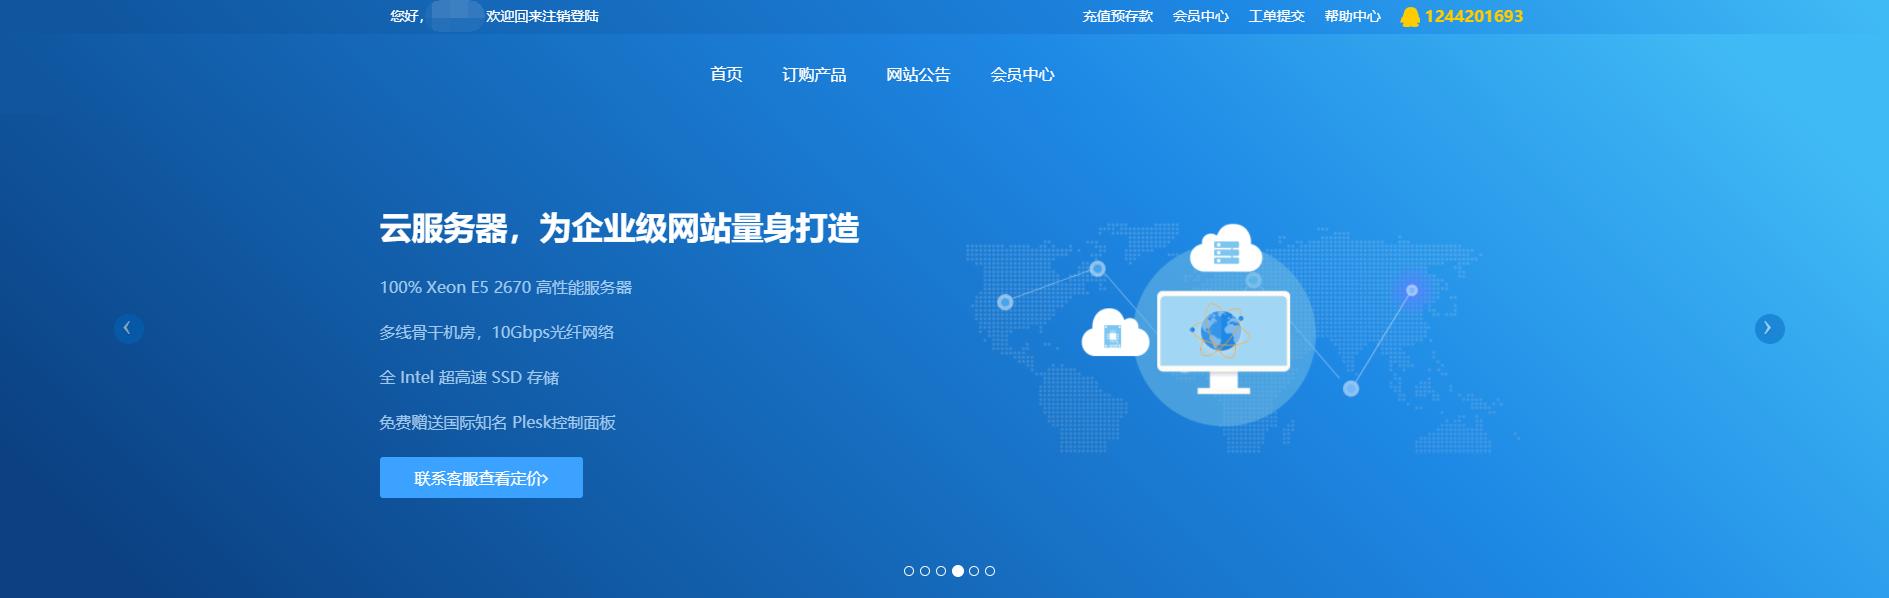 学习网页设计,需要云服务?来看看这里吧!